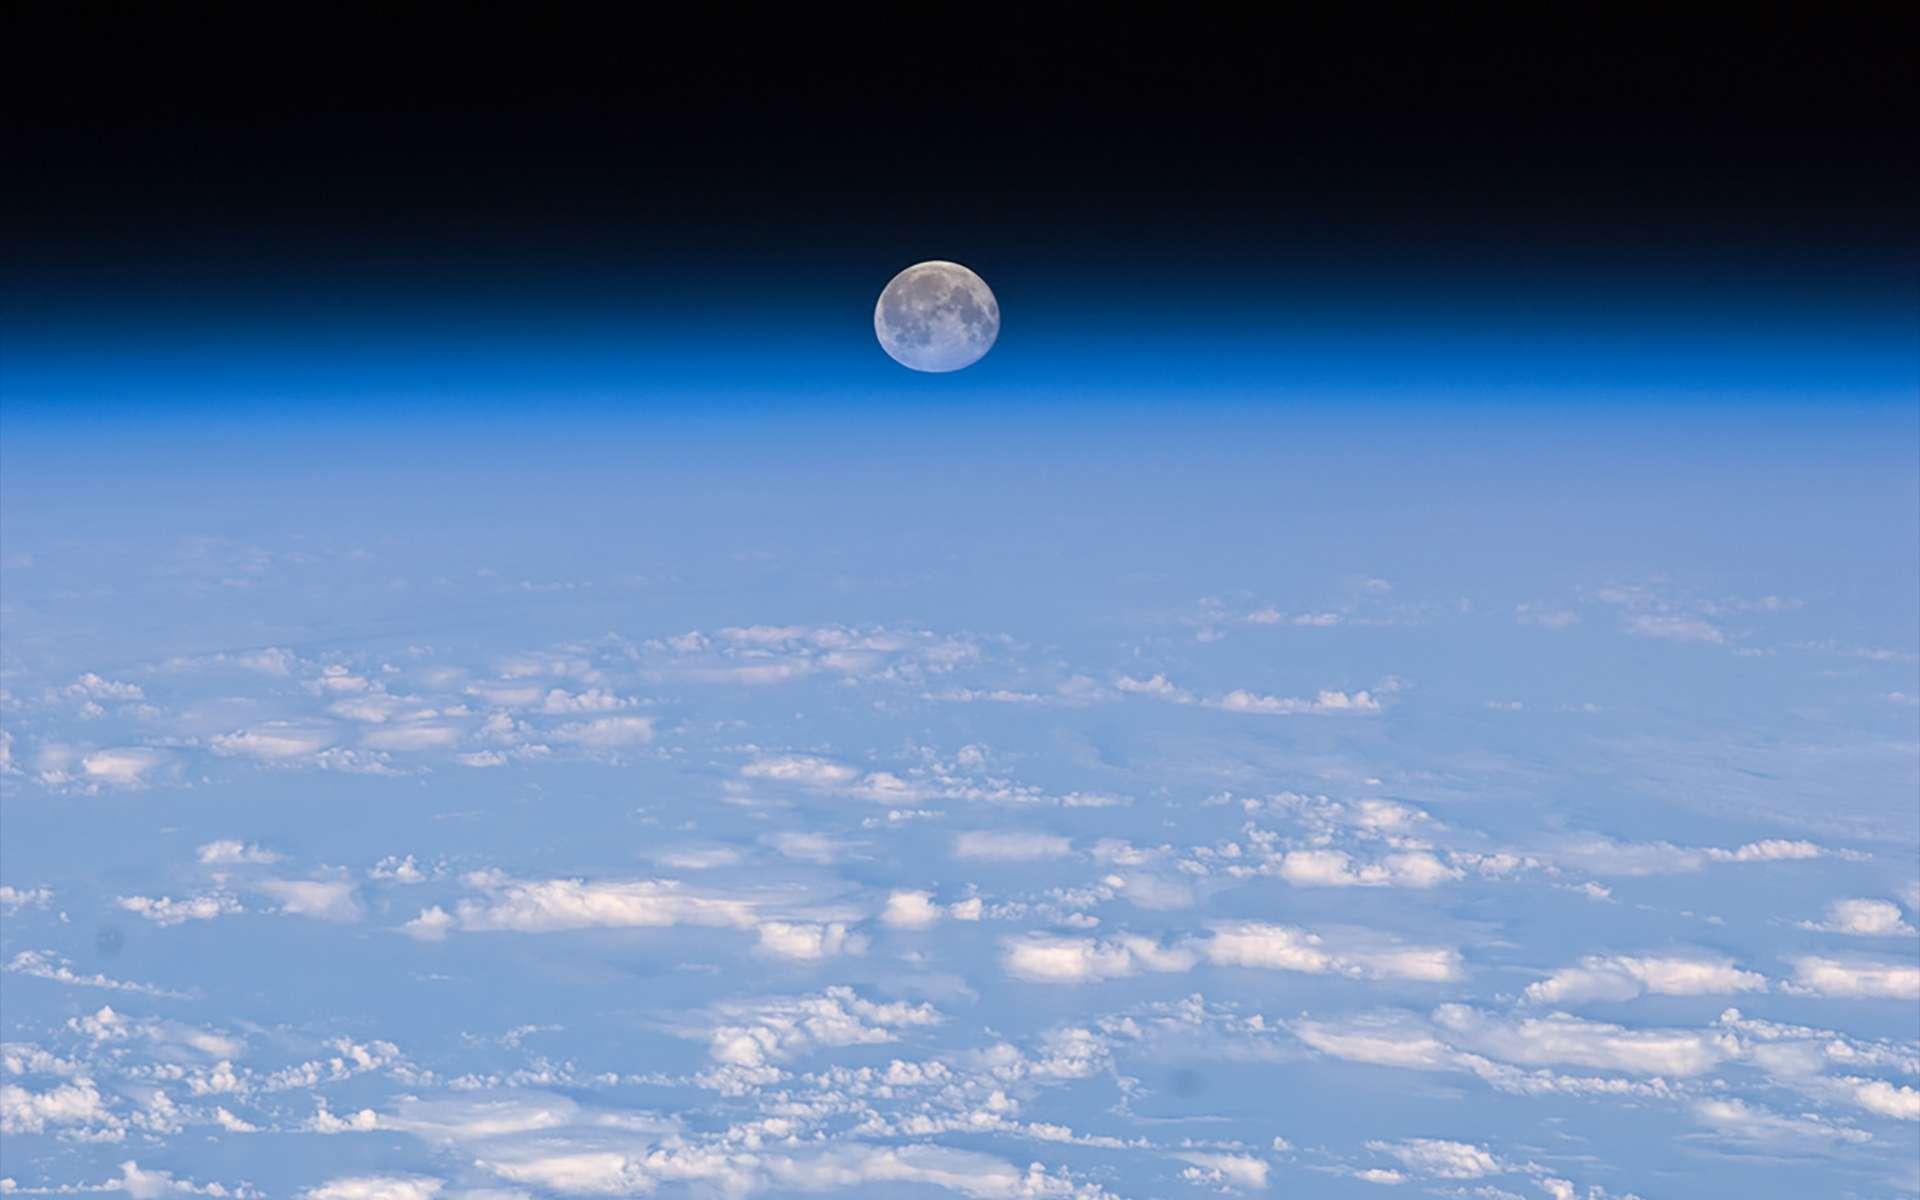 La Lune, au-dessus de l'atmosphère terrestre, vue depuis la Station spatiale internationale. © Nasa